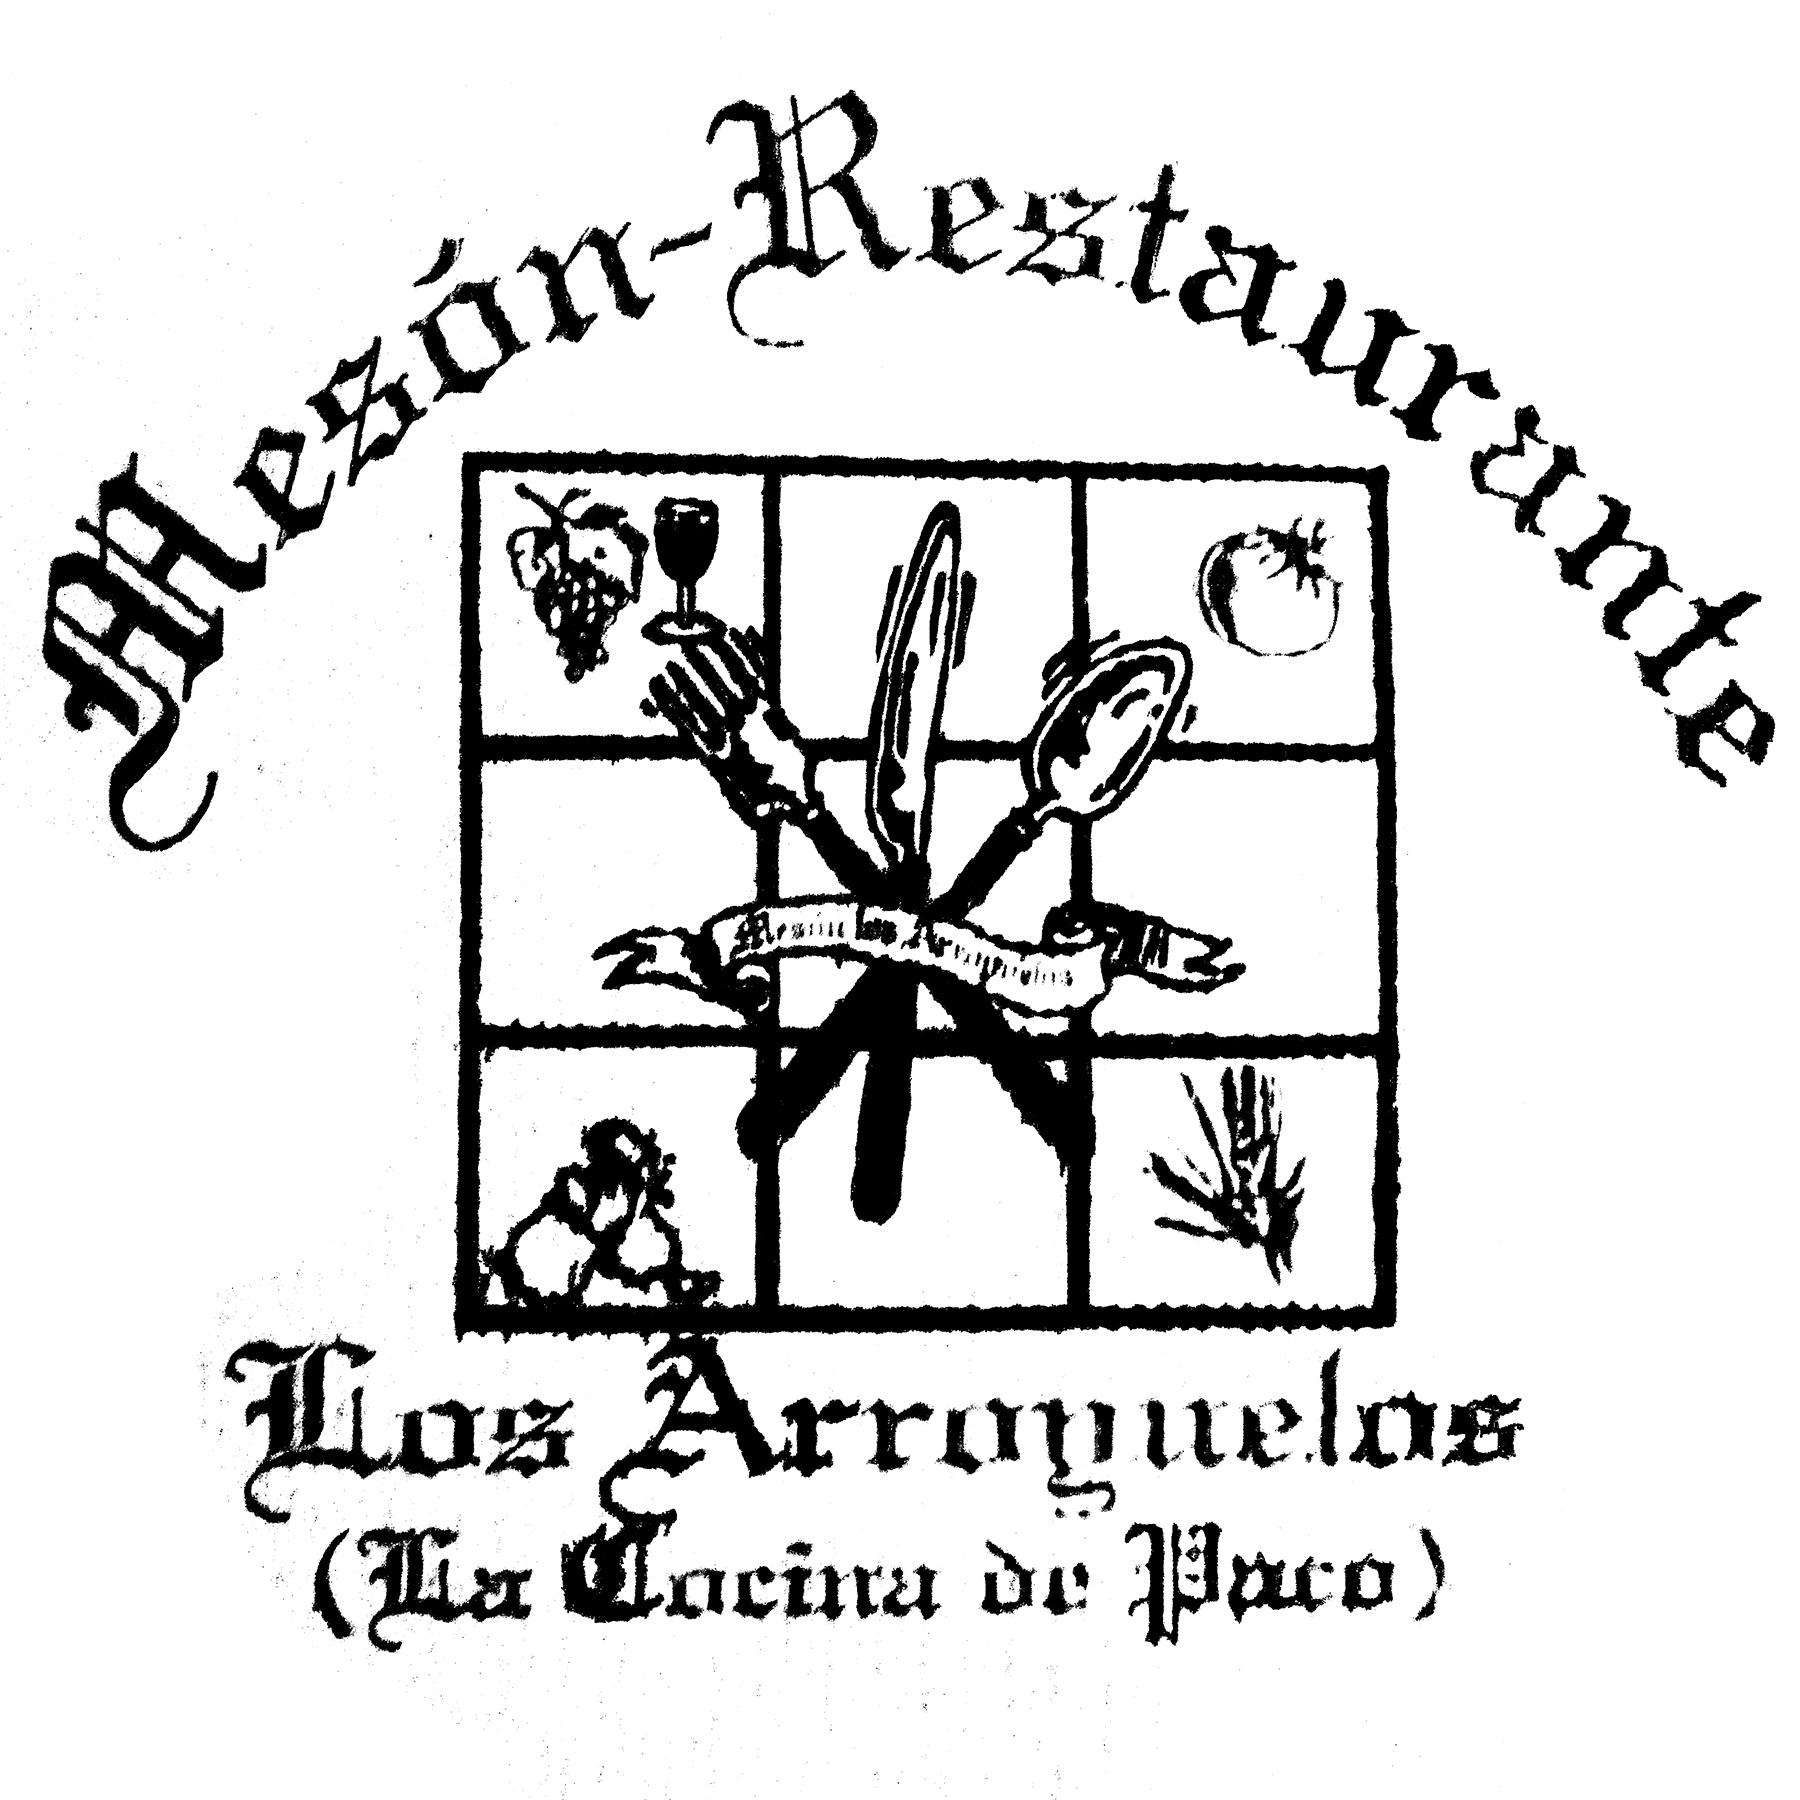 LOS ARROYUELOS